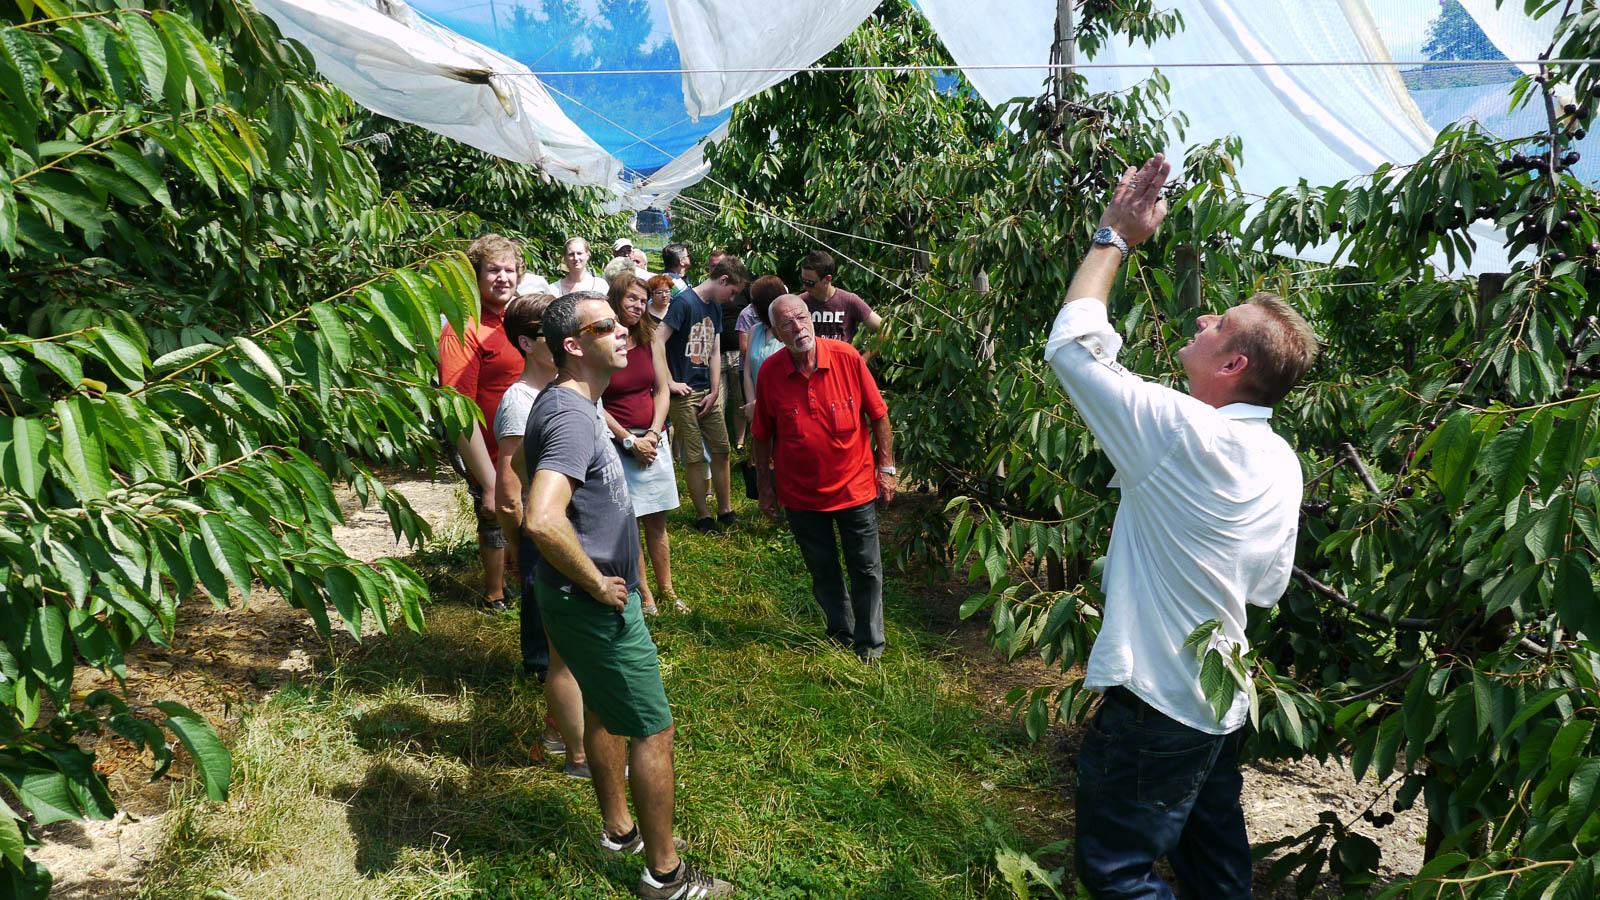 Daniel Wegmann erzählt den Besuchern Spannendes über den Obstanbau.